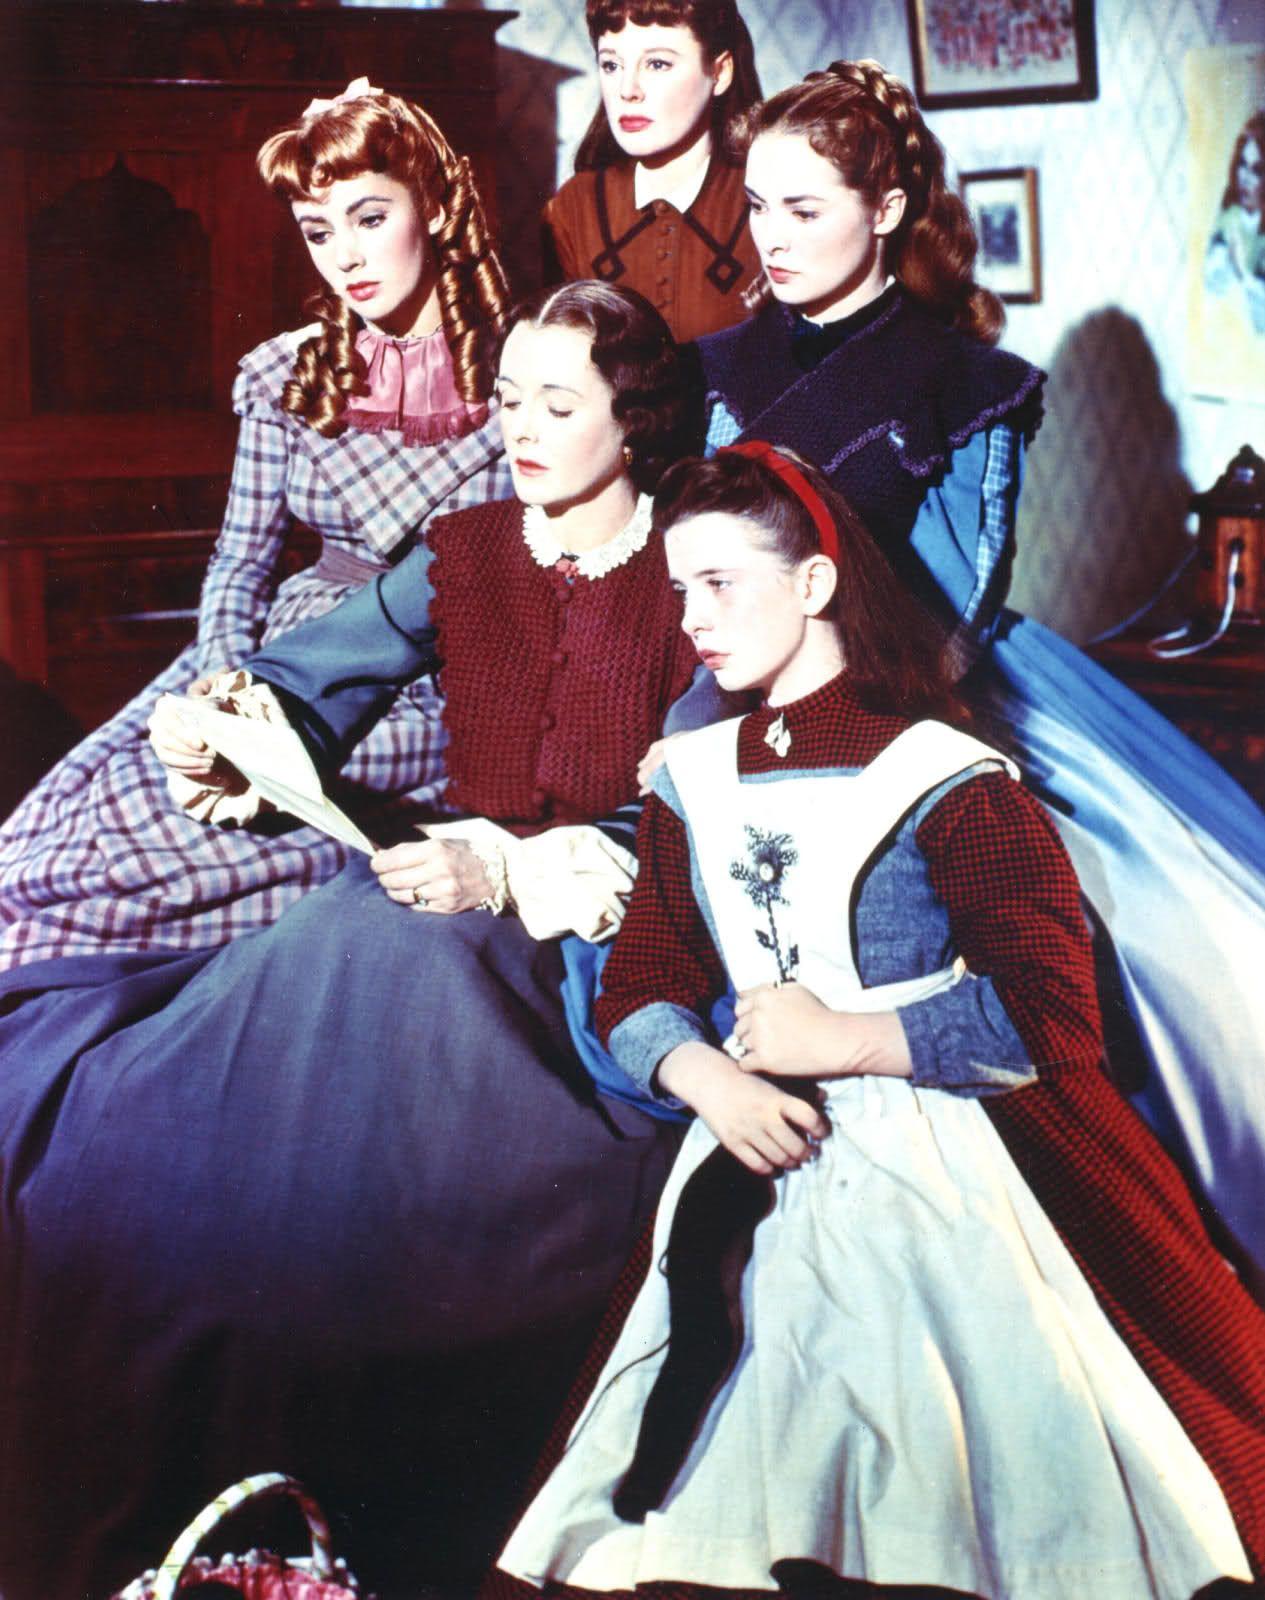 Allyson Is Watching little women, 1949 - elizabeth taylor, june allyson, janet